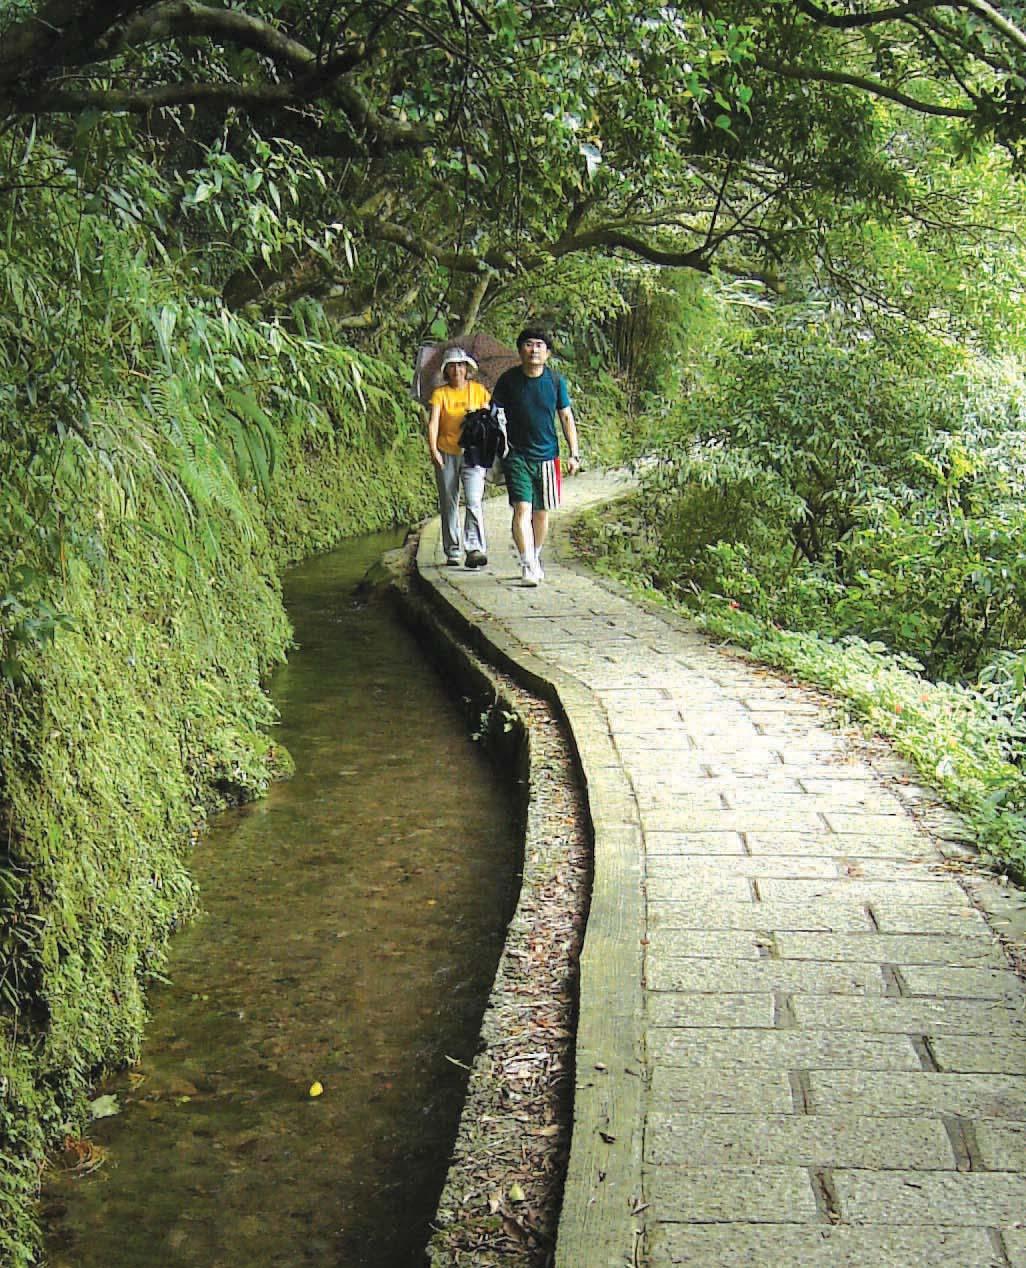 坪頂古圳步道是非常適合夏季避暑的懷古步道